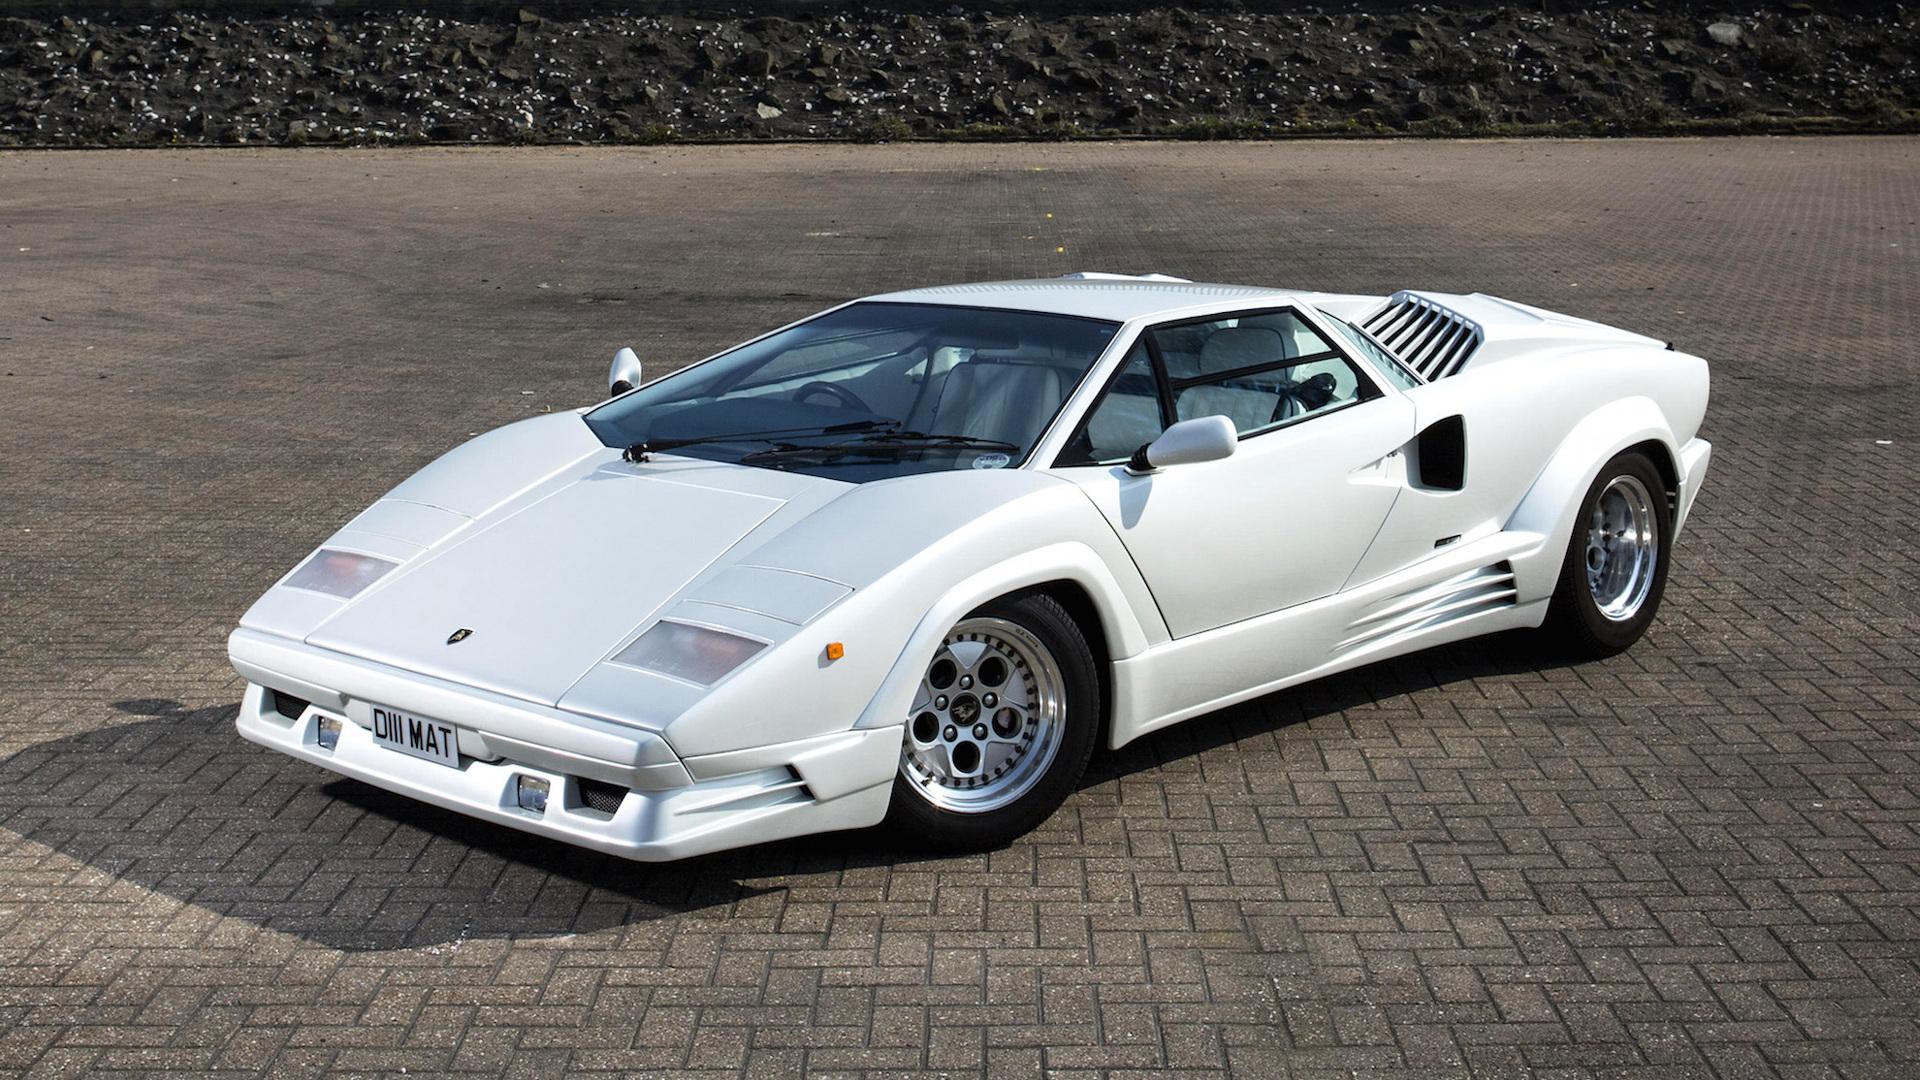 lamborghini-countach-25th-anniversary Breathtaking Lamborghini Countach Need for Speed Cars Trend